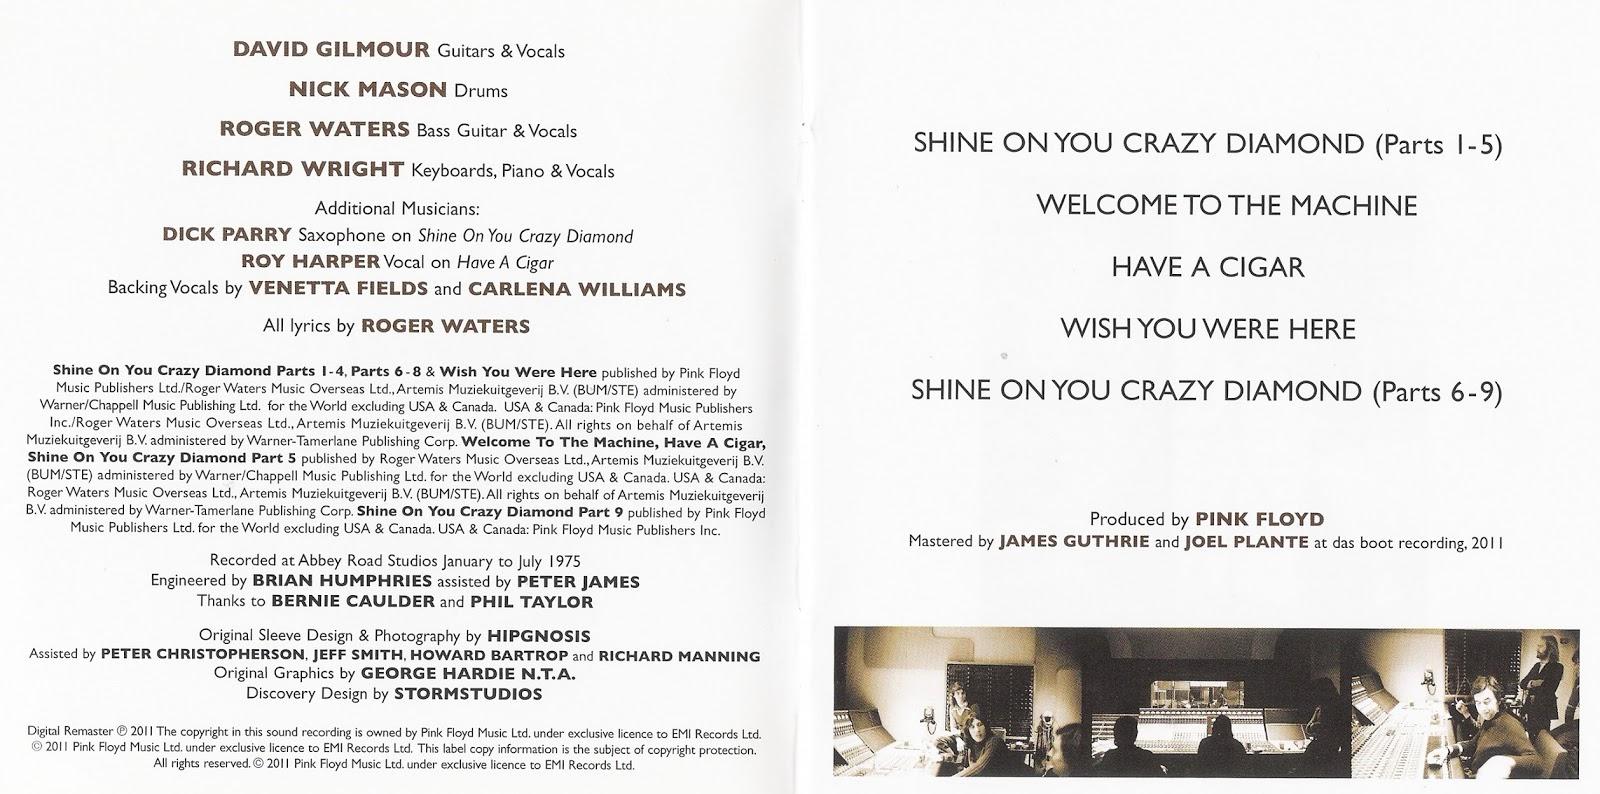 lyrics of wish you were here: